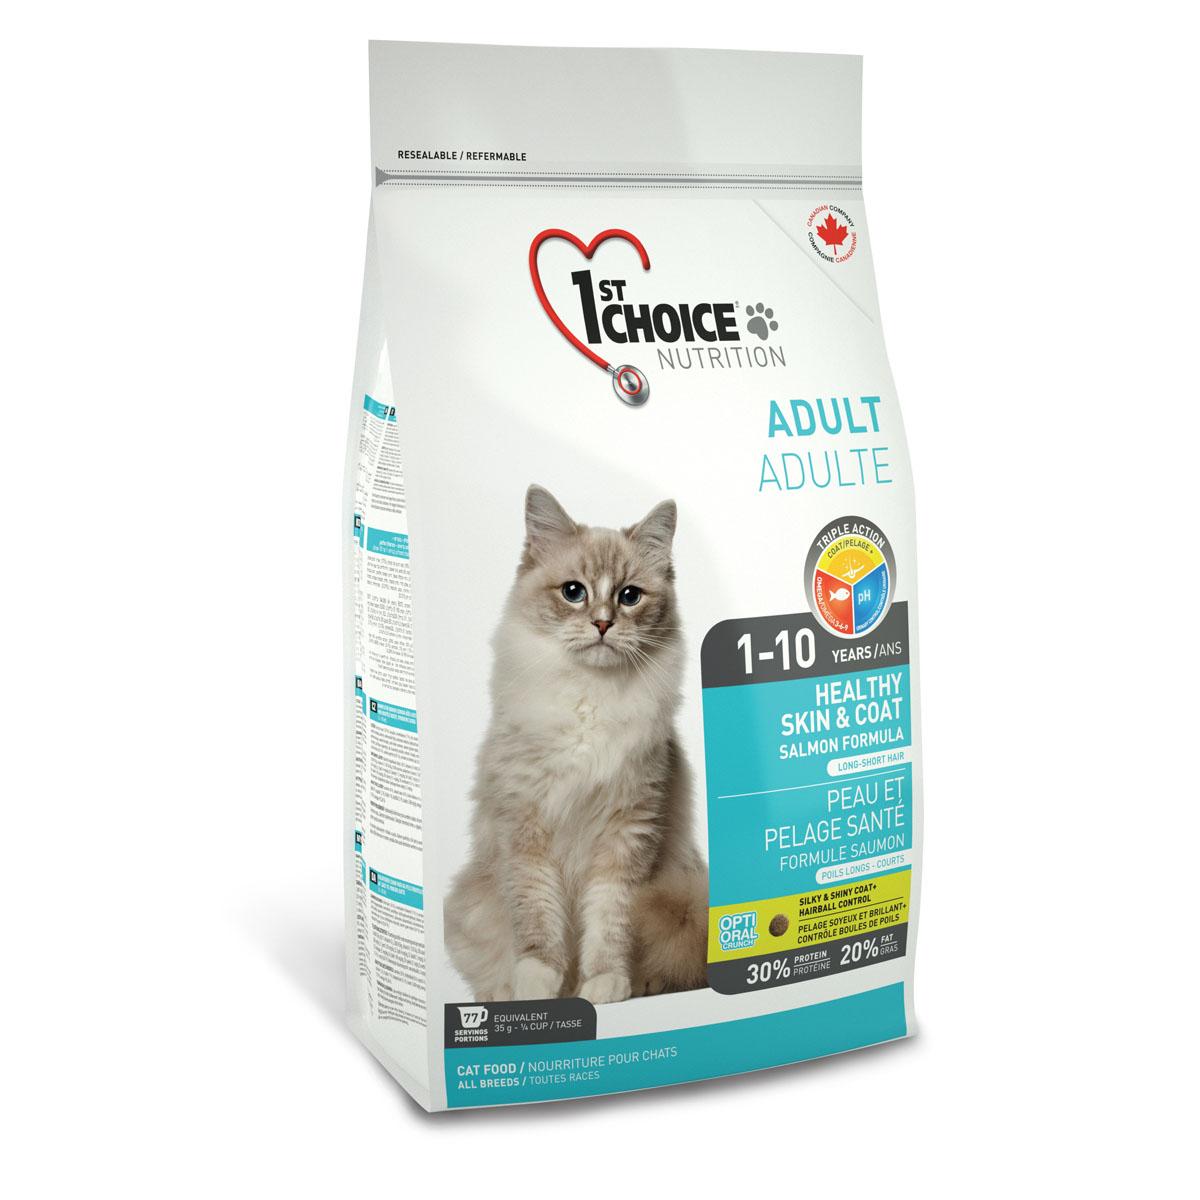 Корм сухой 1st Choice Adult для здоровья шерсти и кожи взрослых кошек, с лососем, 907 г56668Корм сухой 1st Choice Adult разработан для улучшения состояния кожи и шерсти взрослых кошек в любое время года, шерсть любой длины становится мягкой и блестящей. Жир лосося является лучшим источником Омега 3-6-9 жирных кислот, обеспечивающих здоровье кожи. Сочетание рыбного белка и рыбьего жира гарантирует здоровую и роскошную шерсть. Свежий лосось - главный ингредиент, который понравится даже самым привередливым гурманам. Ингредиенты: свежий лосось 18%, мука из сельди менхаден 17%, рис, гороховый протеин, куриный жир, сохраненный смесью натуральных токоферолов (витамин Е), сушеное яйцо, мякоть свеклы, клетчатка гороха, гидролизат куриной печени, коричневый рис, специально обработанные ядра ячменя и овса, цельное семя льна, жир лосося, сушеная мякоть томата, калия хлорид, лецитин, кальция карбонат, холина хлорид, соль, кальция пропионат, натрия бисульфат, таурин, DL- метионин, L-лизин, экстракт дрожжей, железа сульфат, аскорбиновая кислота...